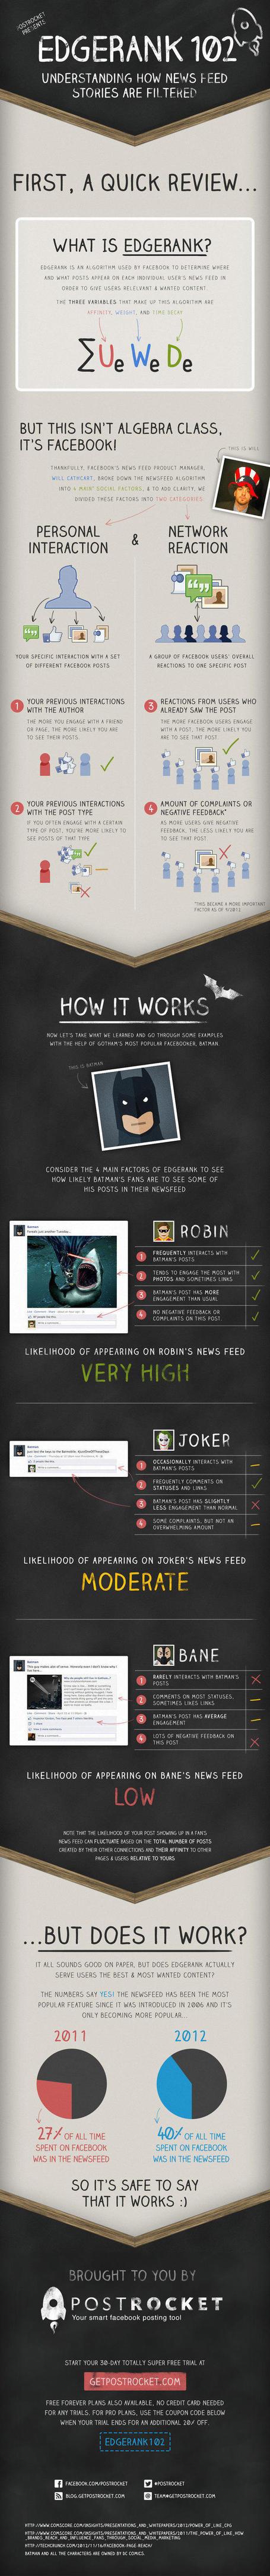 Les critères de filtrage de l'Edgerank de Facebook | SMO | Veille | Scoop.it